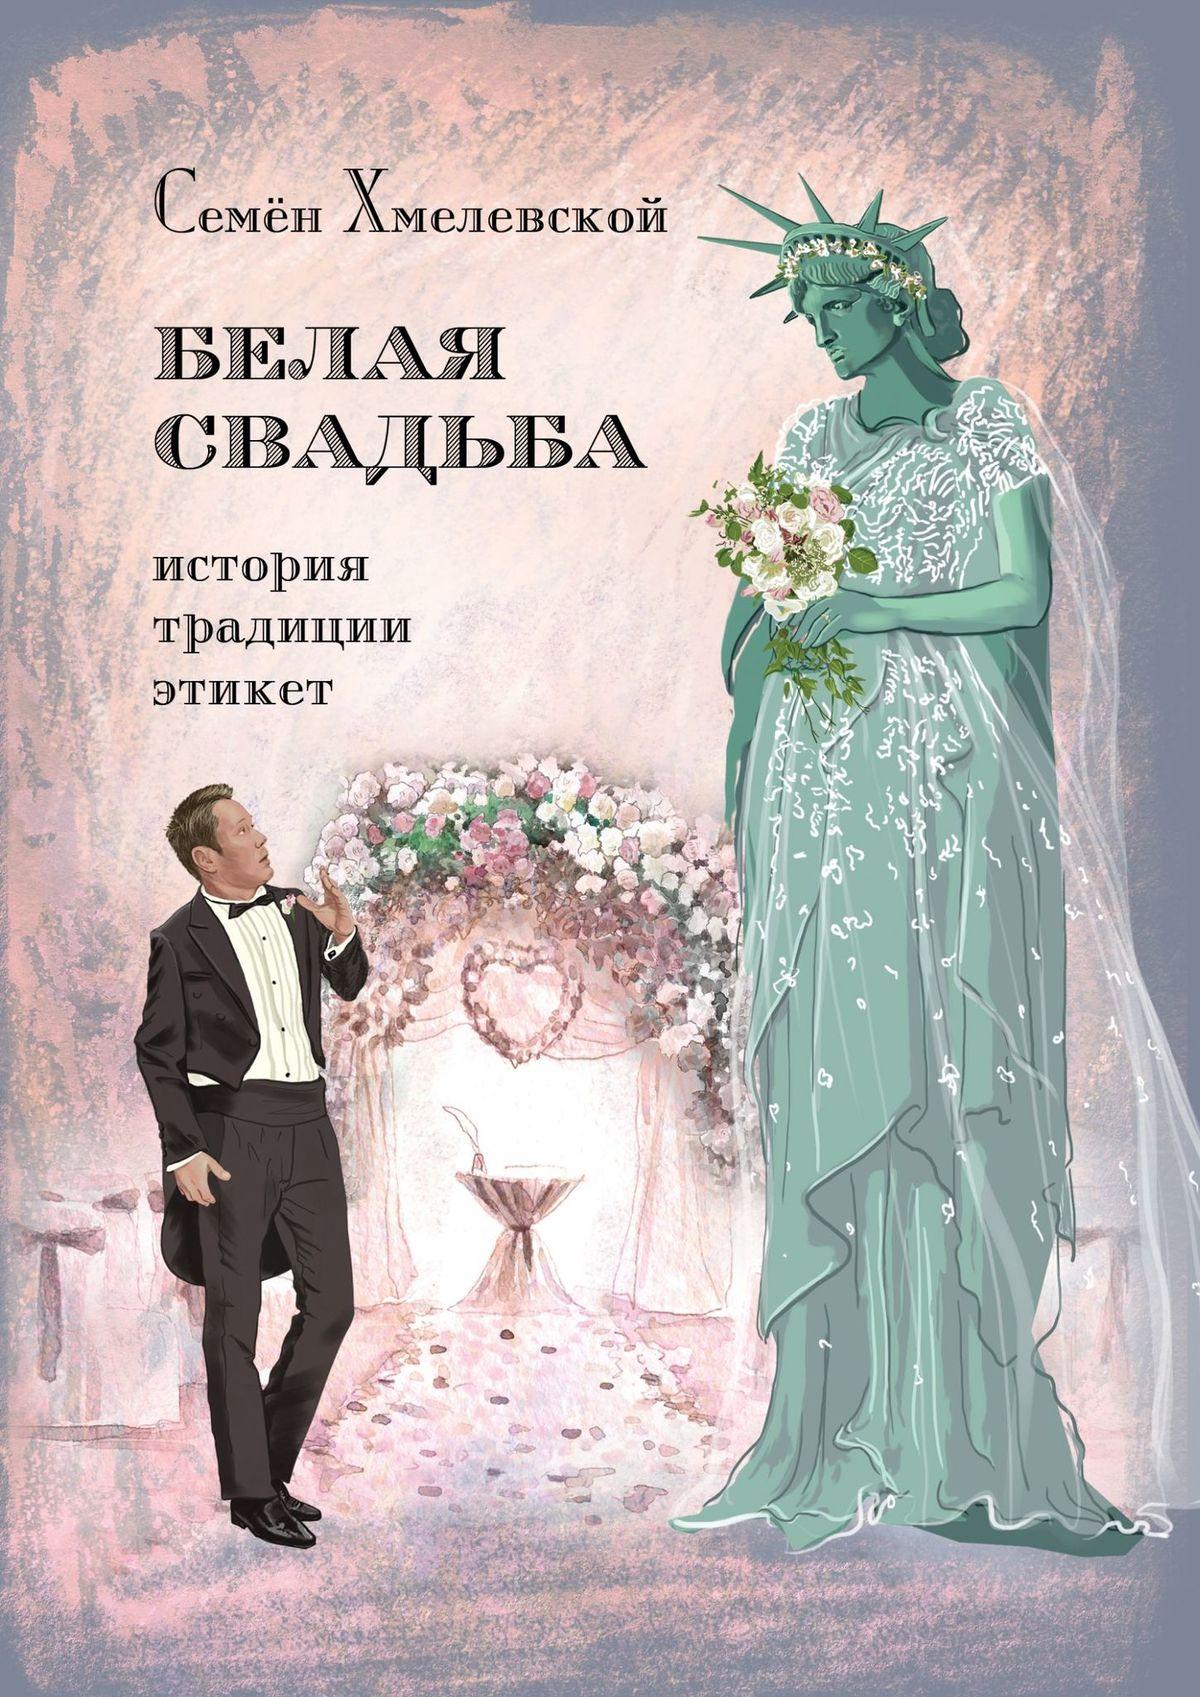 Белая свадьба: история, традиции, этикет. Анализ свадебного обряда в контексте истории, социологии семьи иконсьюмеризма